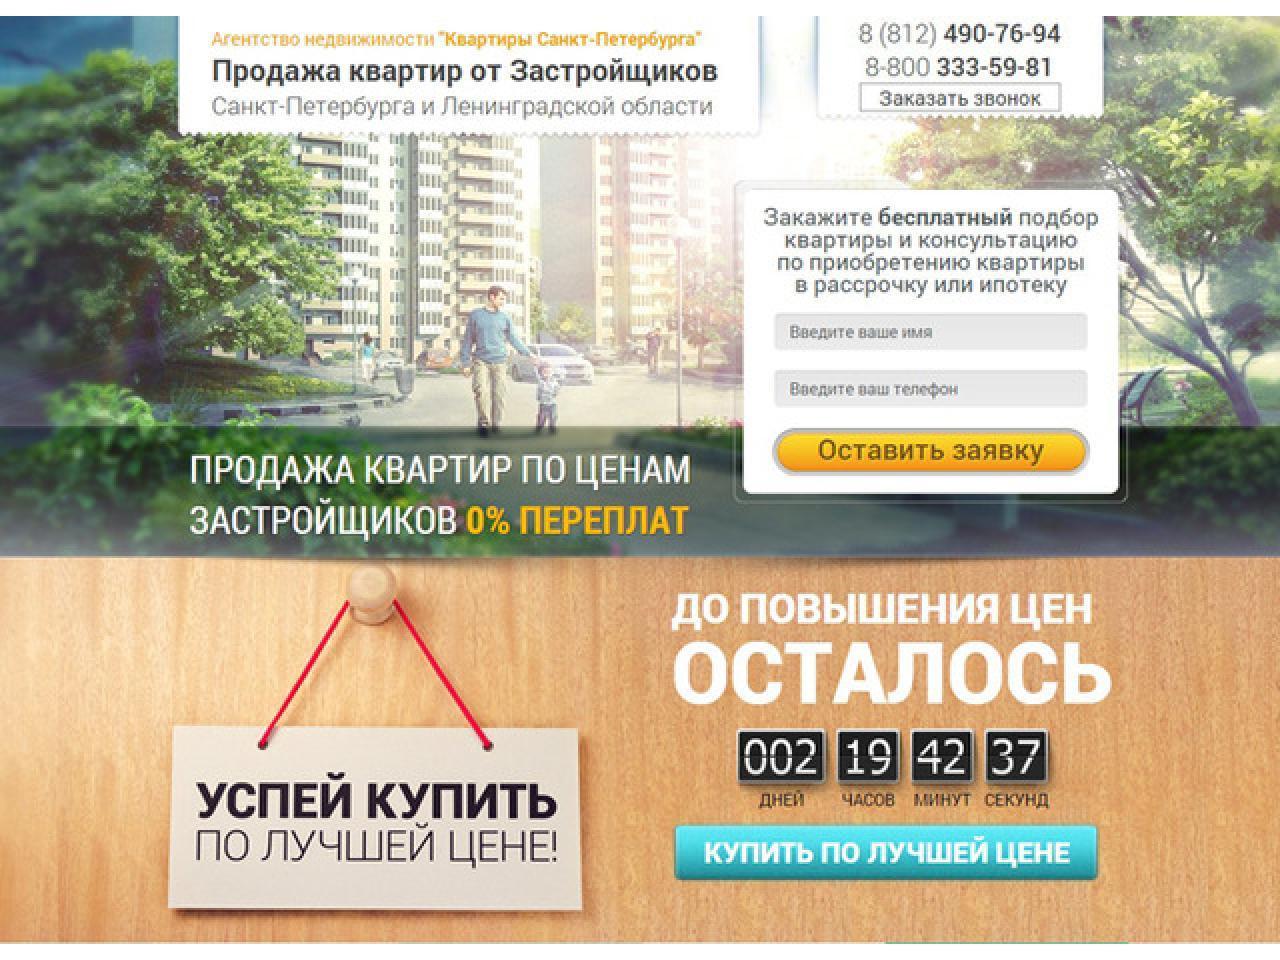 Создание сайтов , дизайн плакатов и банеров , по приемлимым ценам. - 3